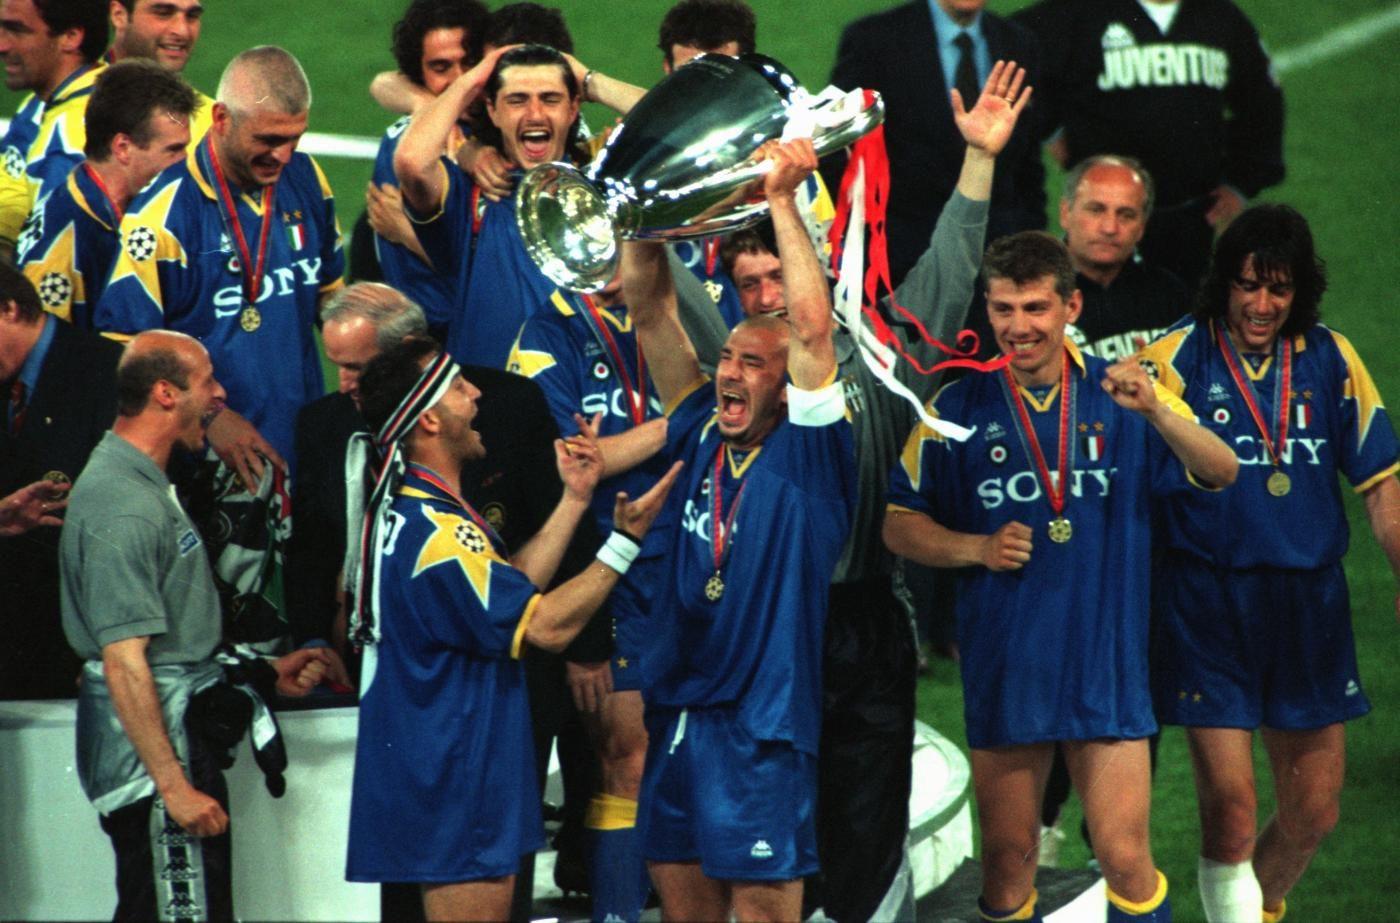 Il 22 maggio 1996 all'Olimpico la Juventus vince per la seconda volta la Champions League.